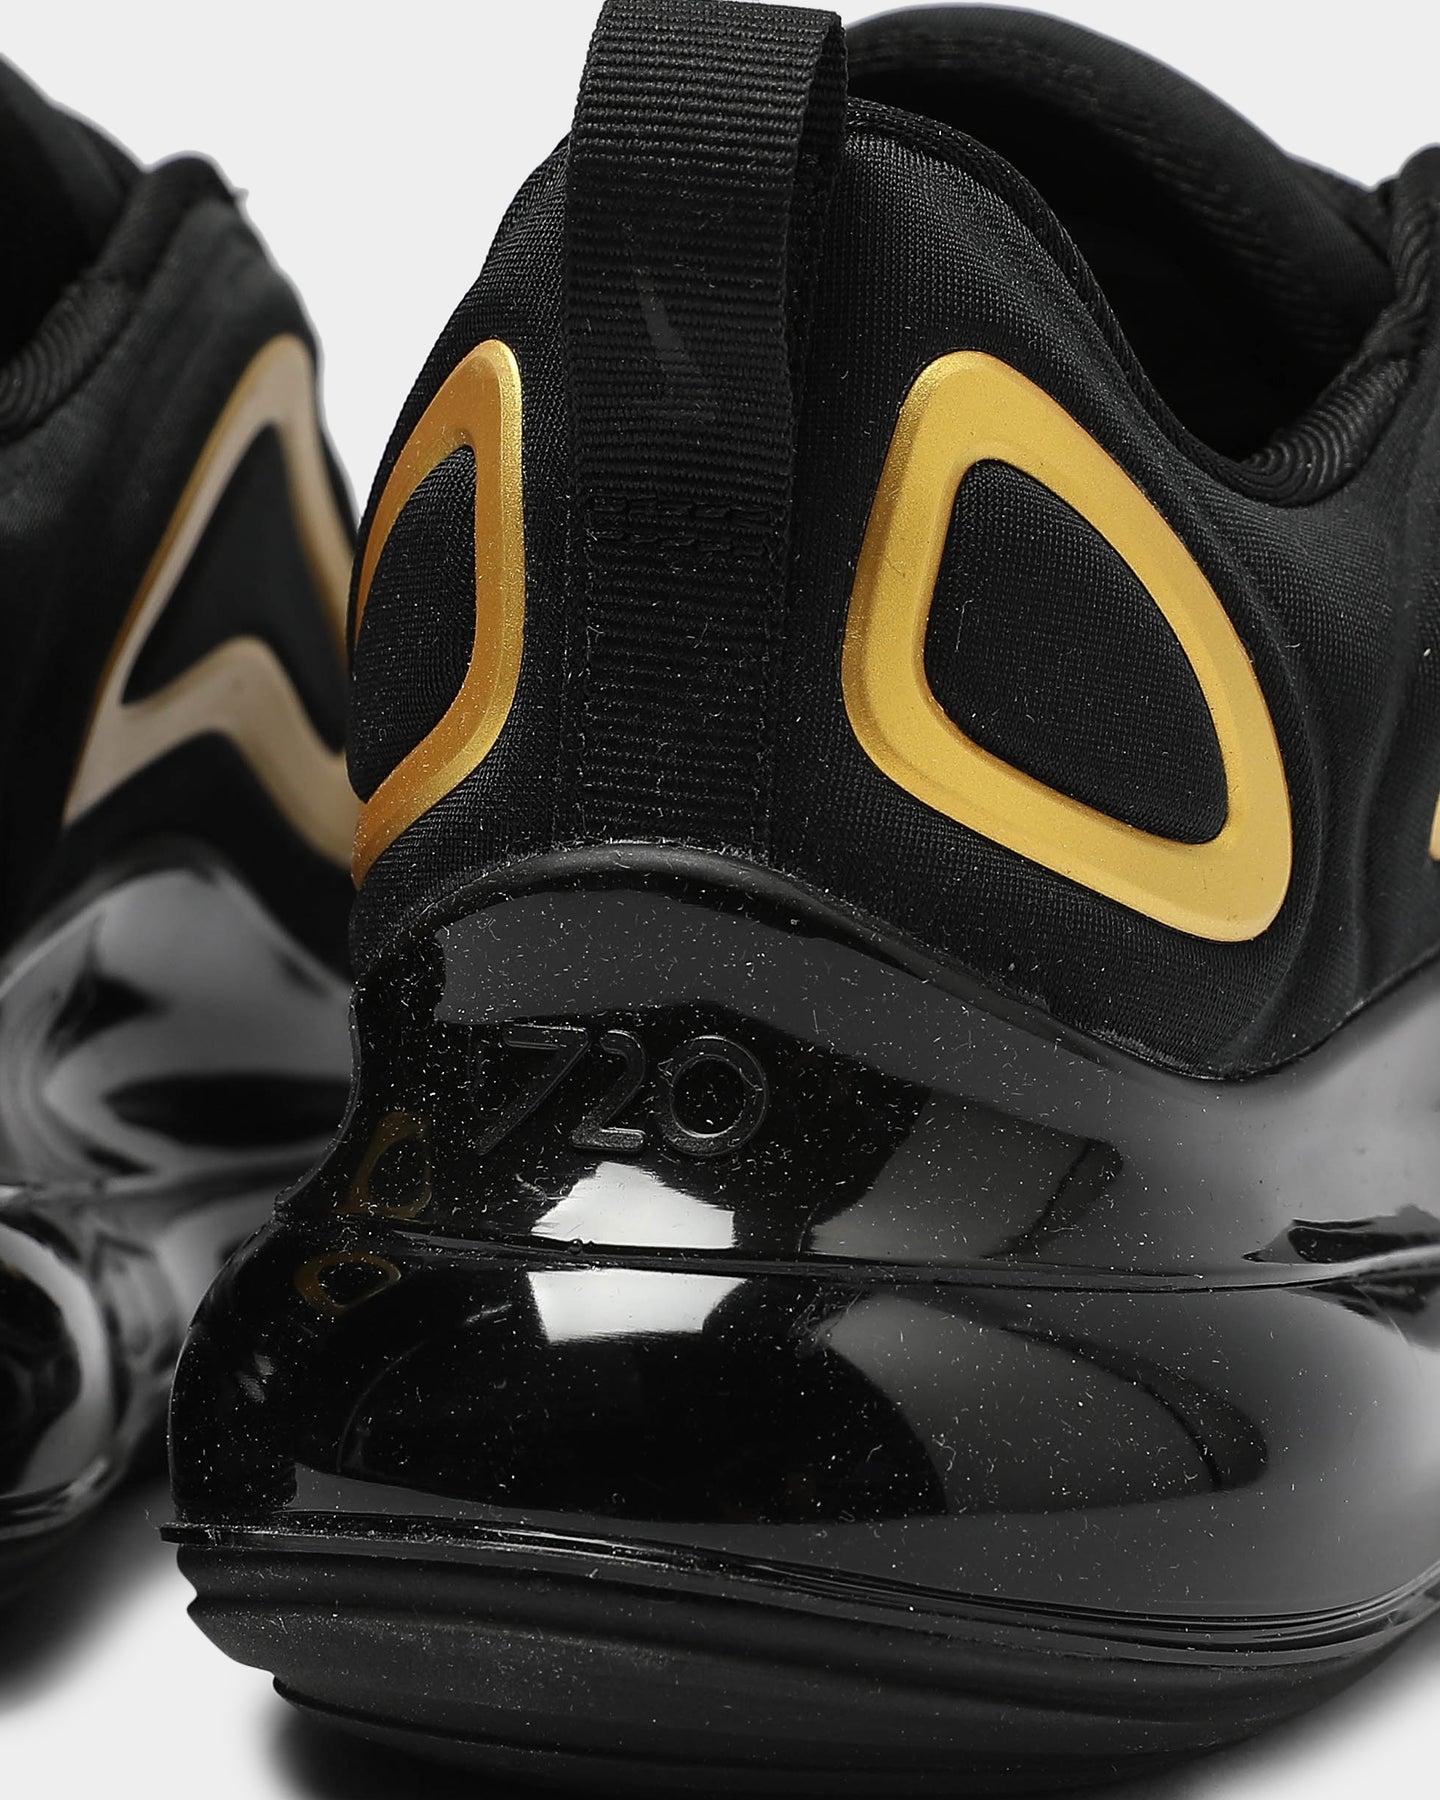 Shop Nike Air Max 720 BlackMetallic Silver AQ3196 011 Grade